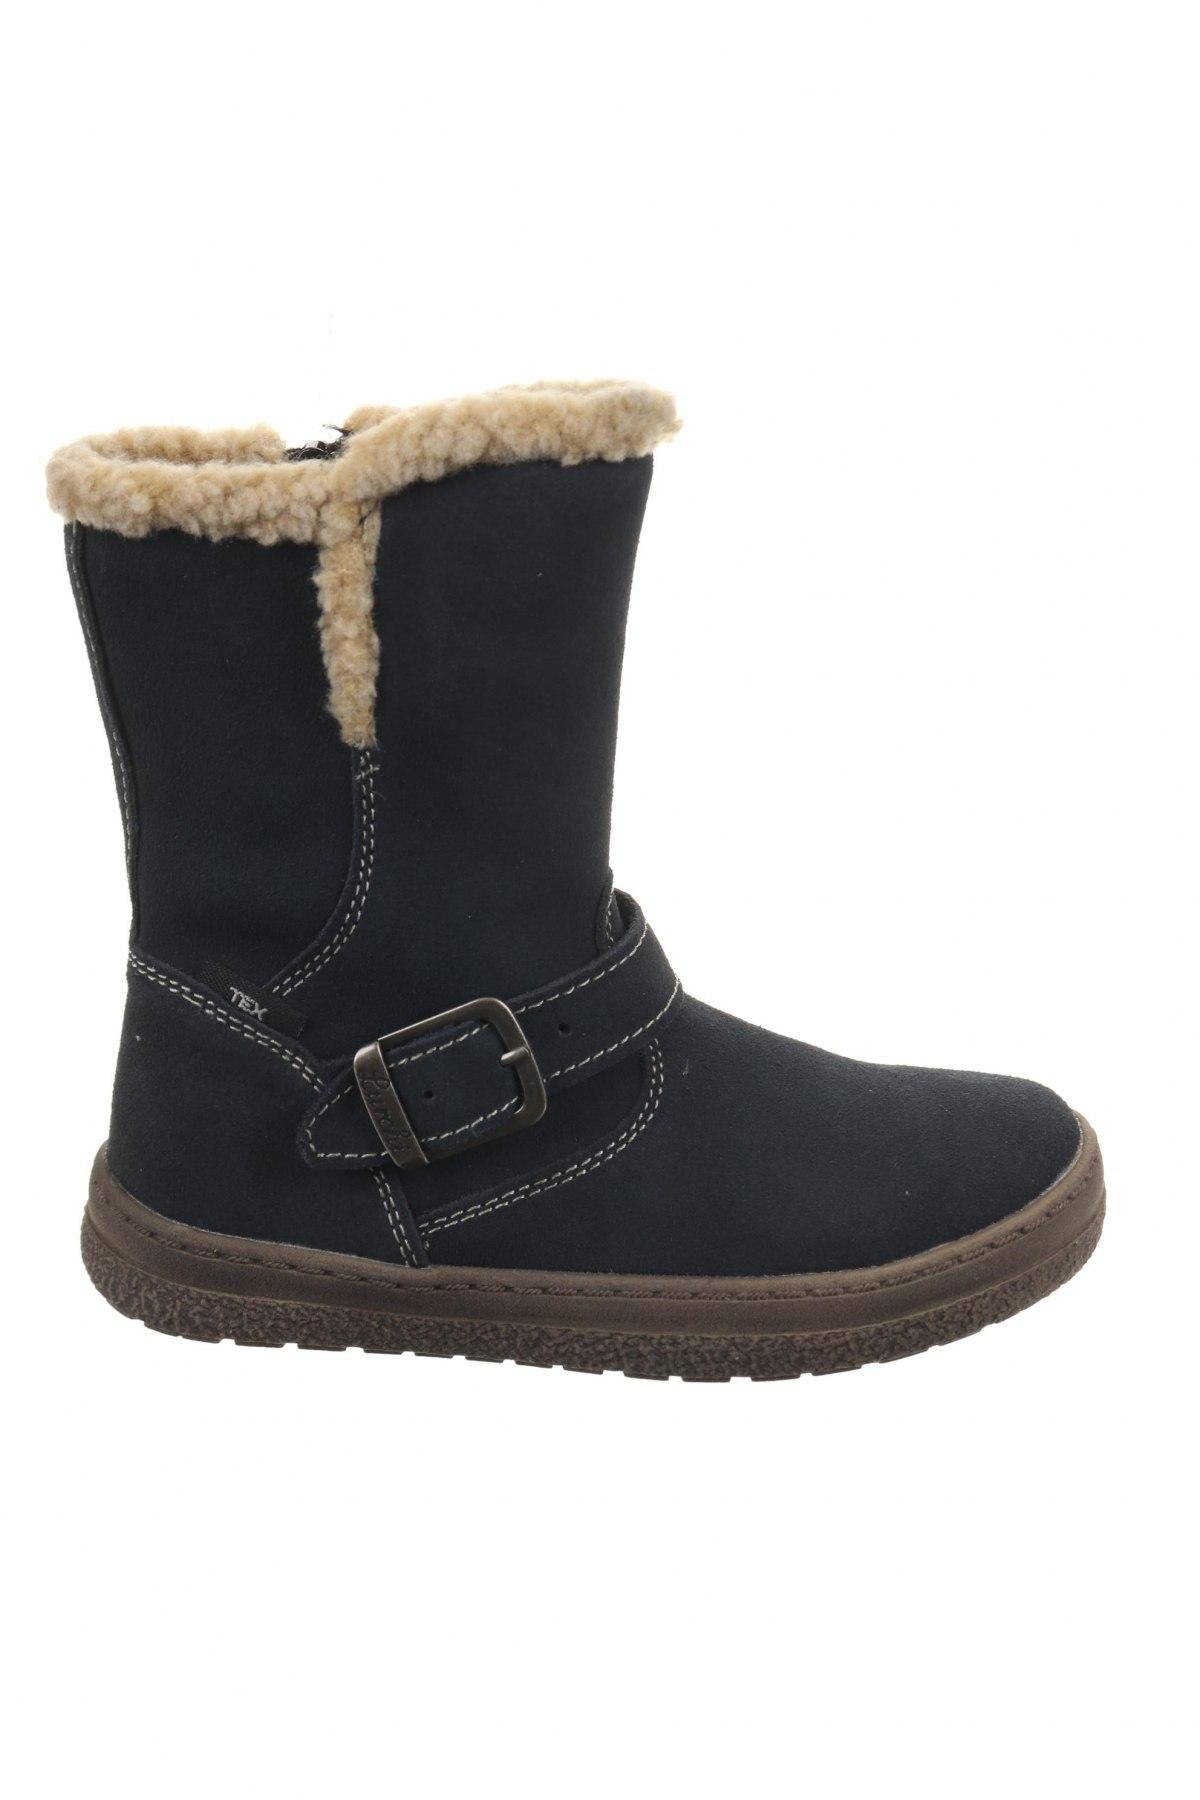 Παιδικά παπούτσια Lurchi, Μέγεθος 28, Χρώμα Μπλέ, Φυσικό σουέτ, Τιμή 34,39€